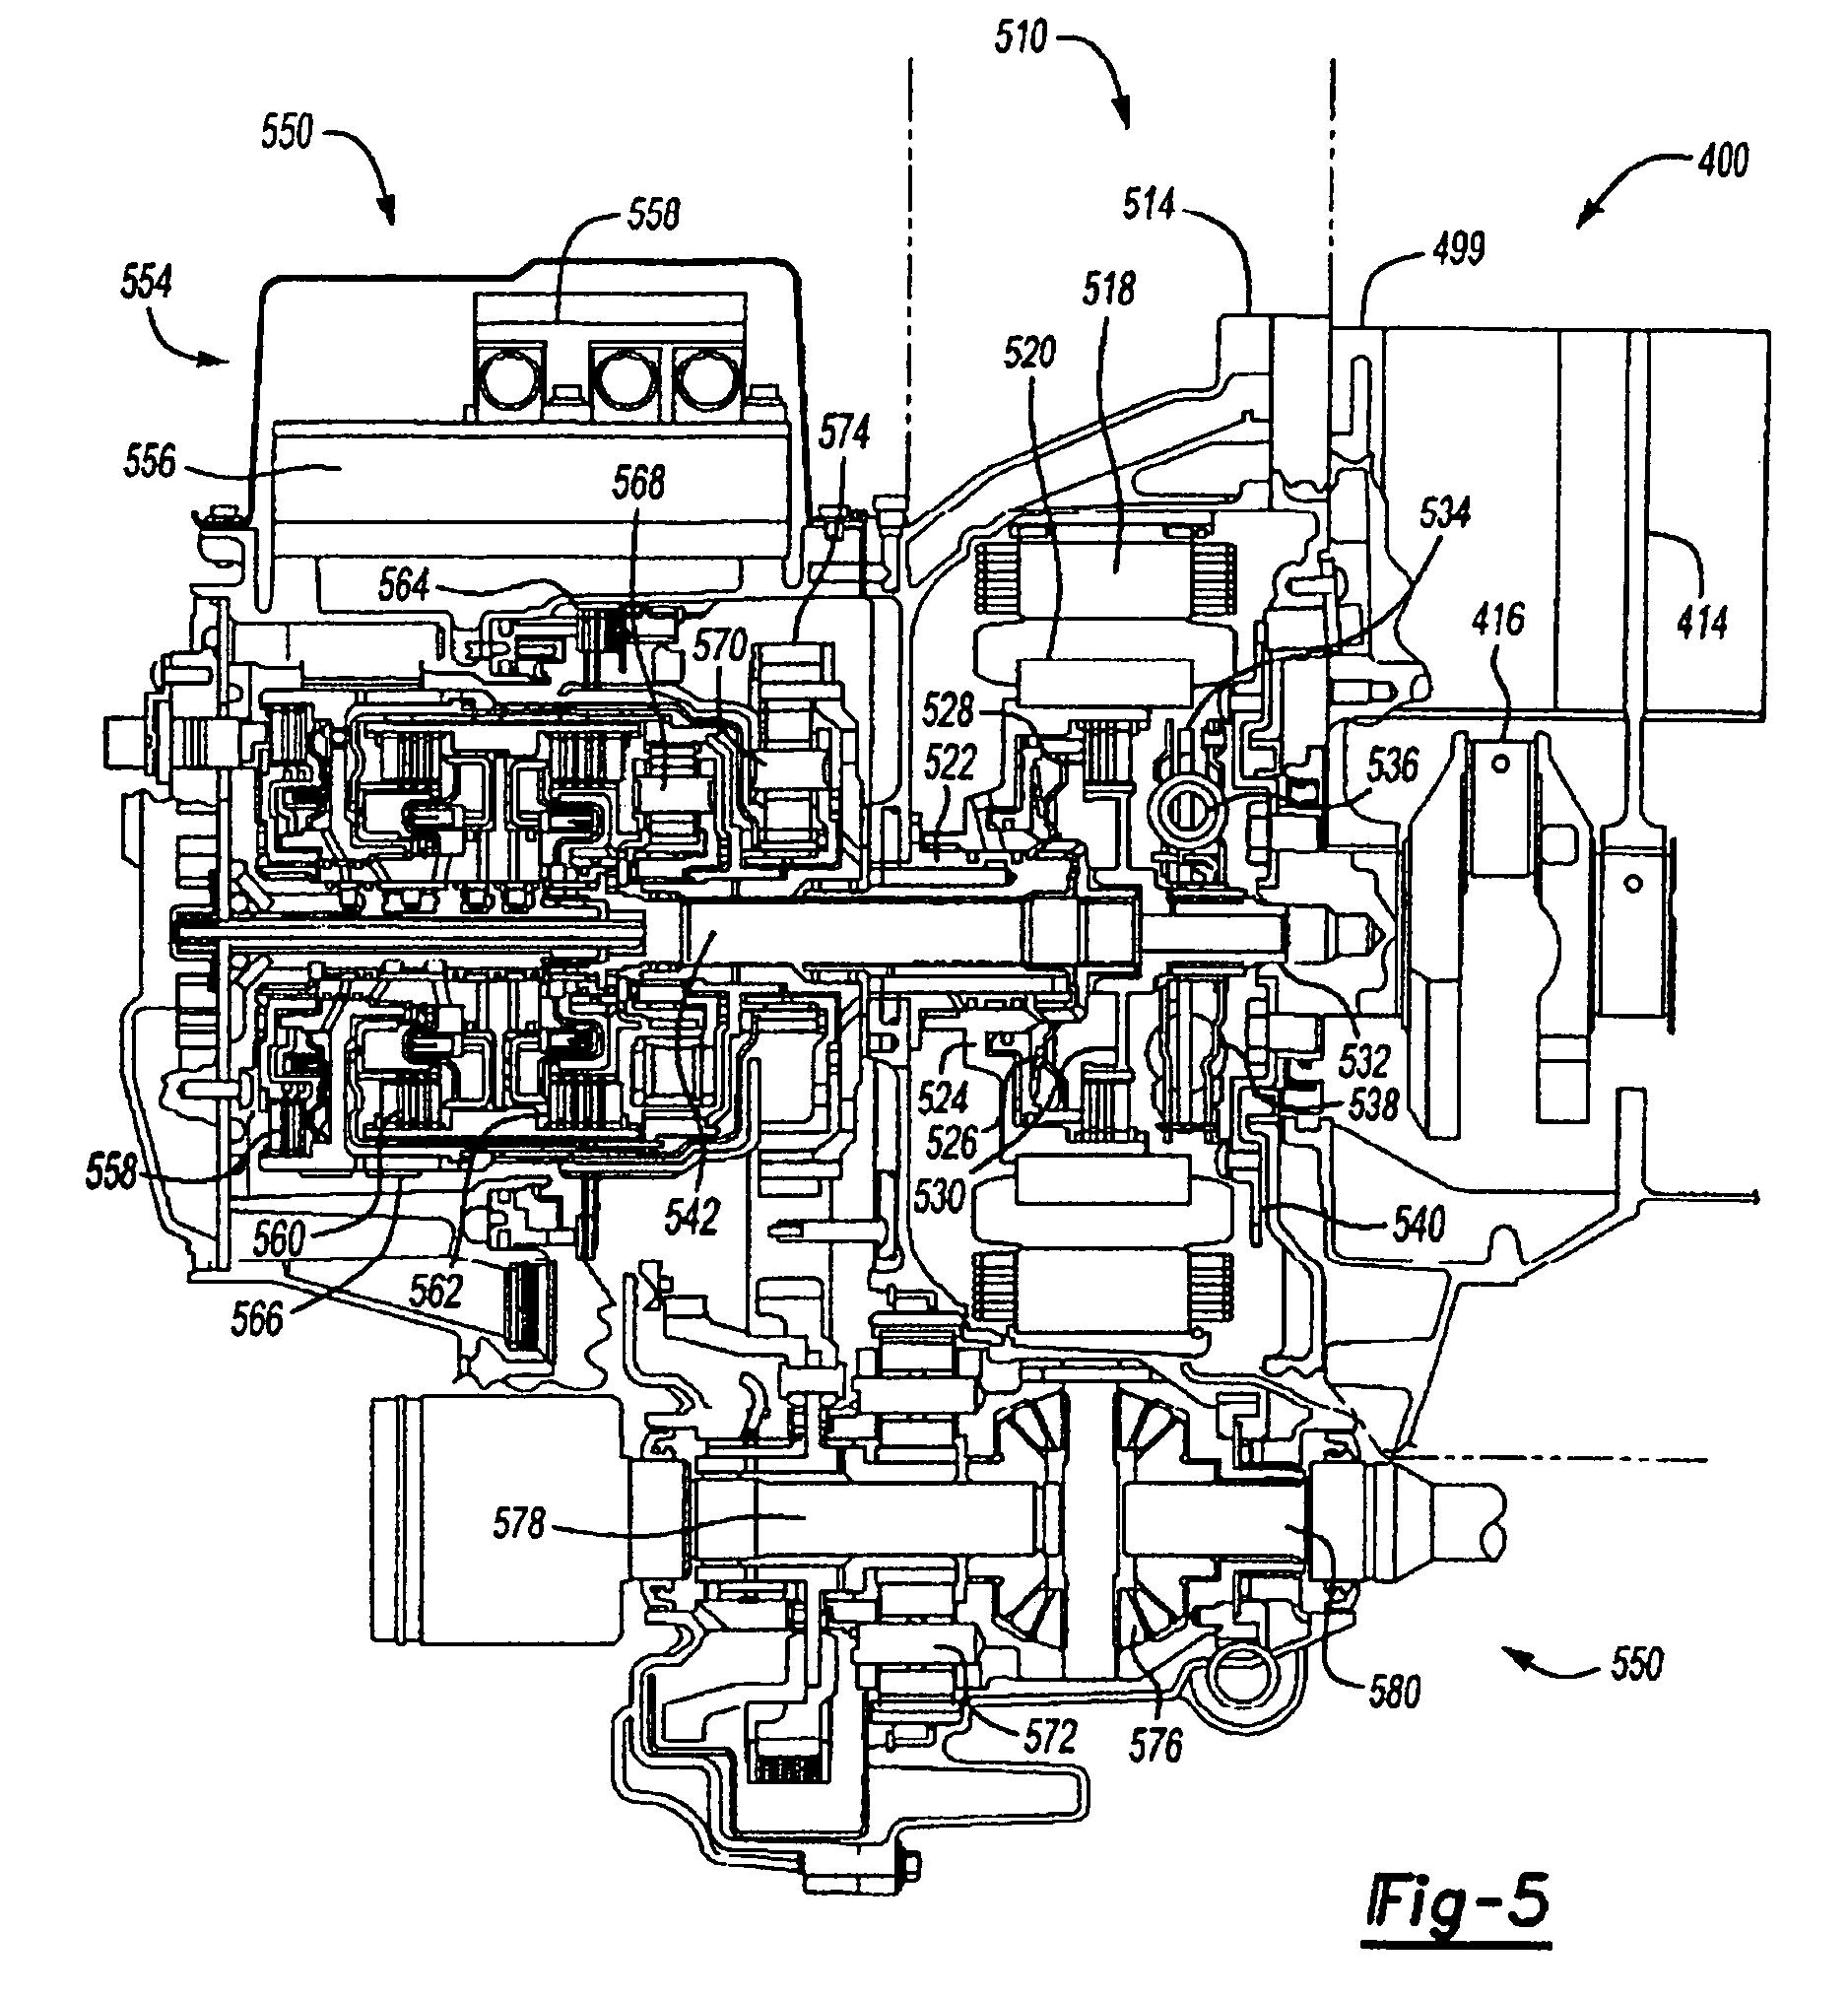 Ford Cd4e Diagrams 46RE Valve Body Diagram ~ Elsavadorla